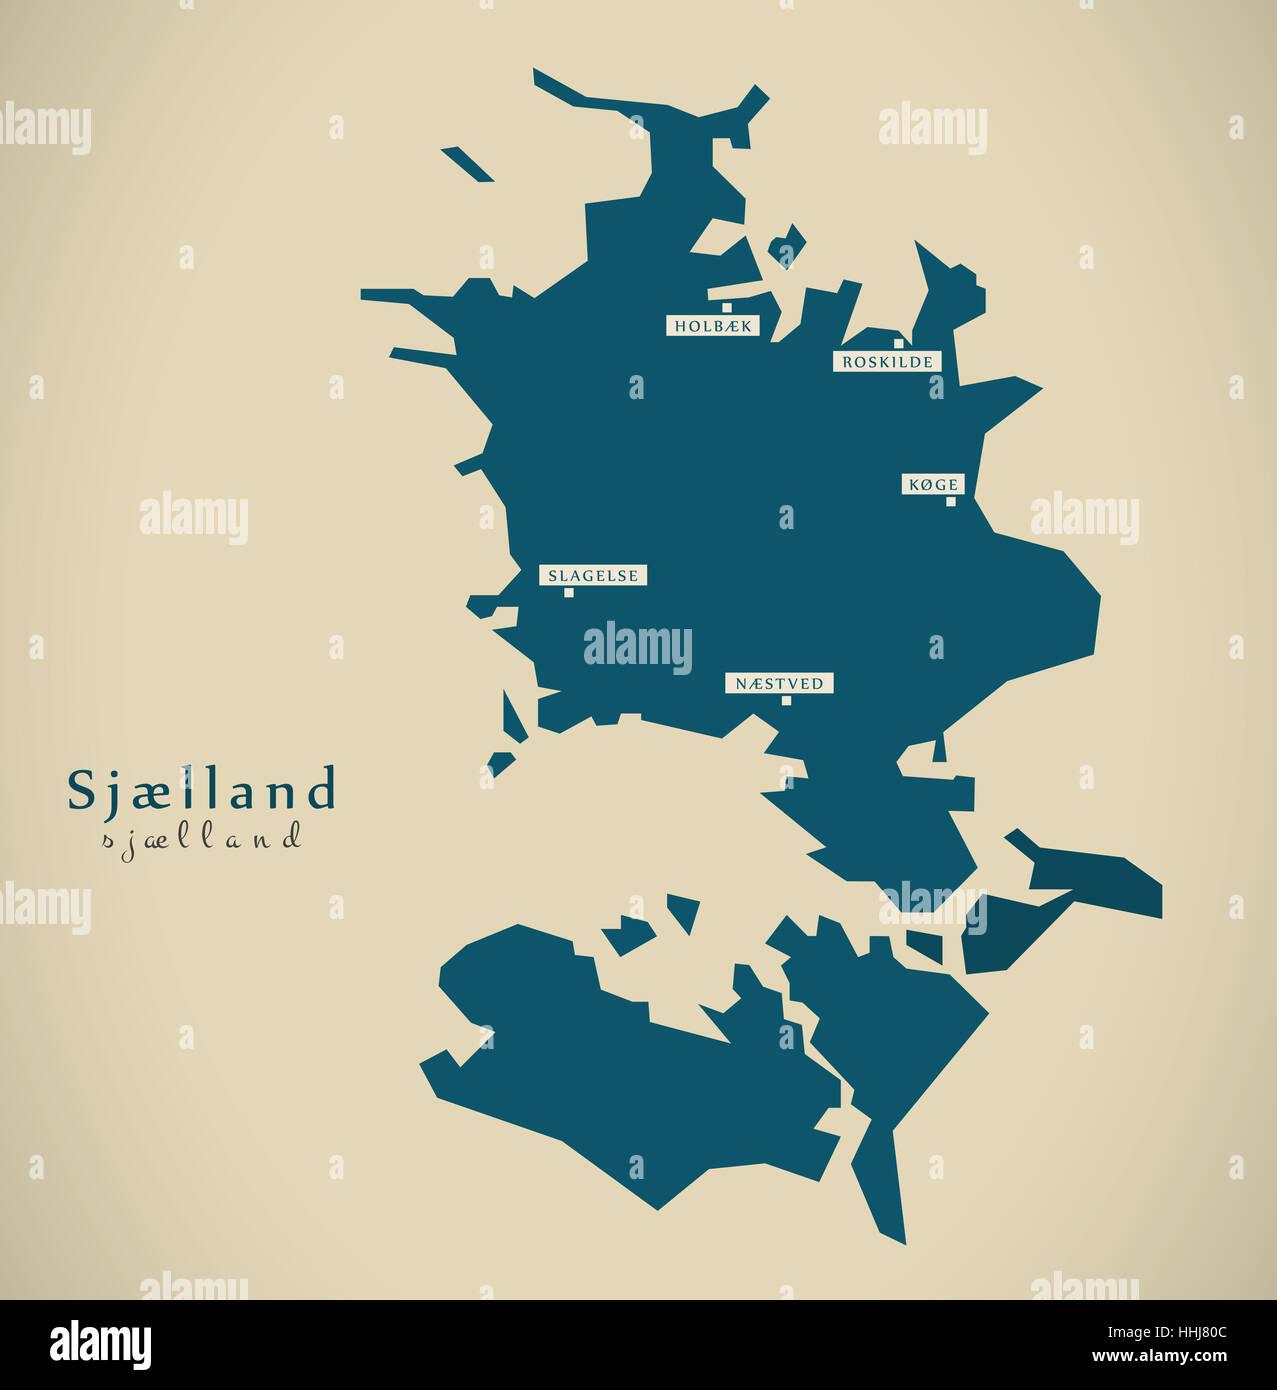 Modern Map - Sjaelland Denmark DK illustration - Stock Image